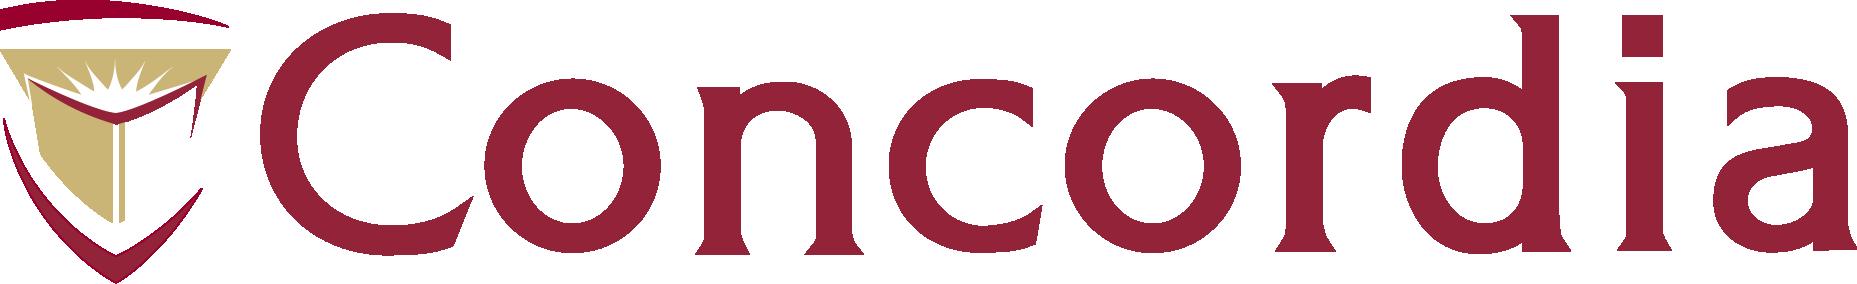 Copie-de-Copie-de-Concordia-logo-compact-RGB.png